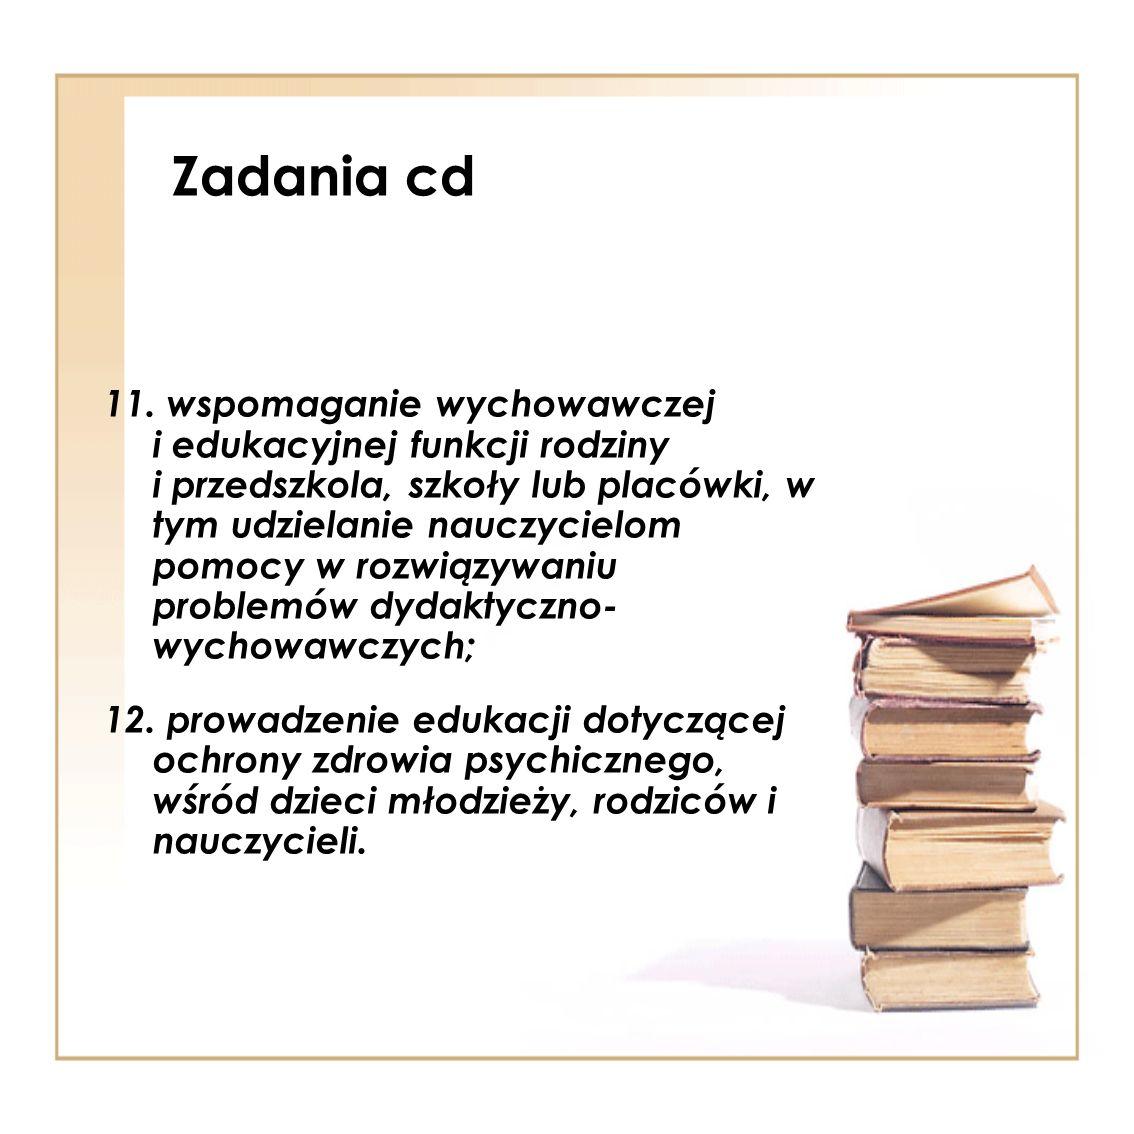 Zadania cd